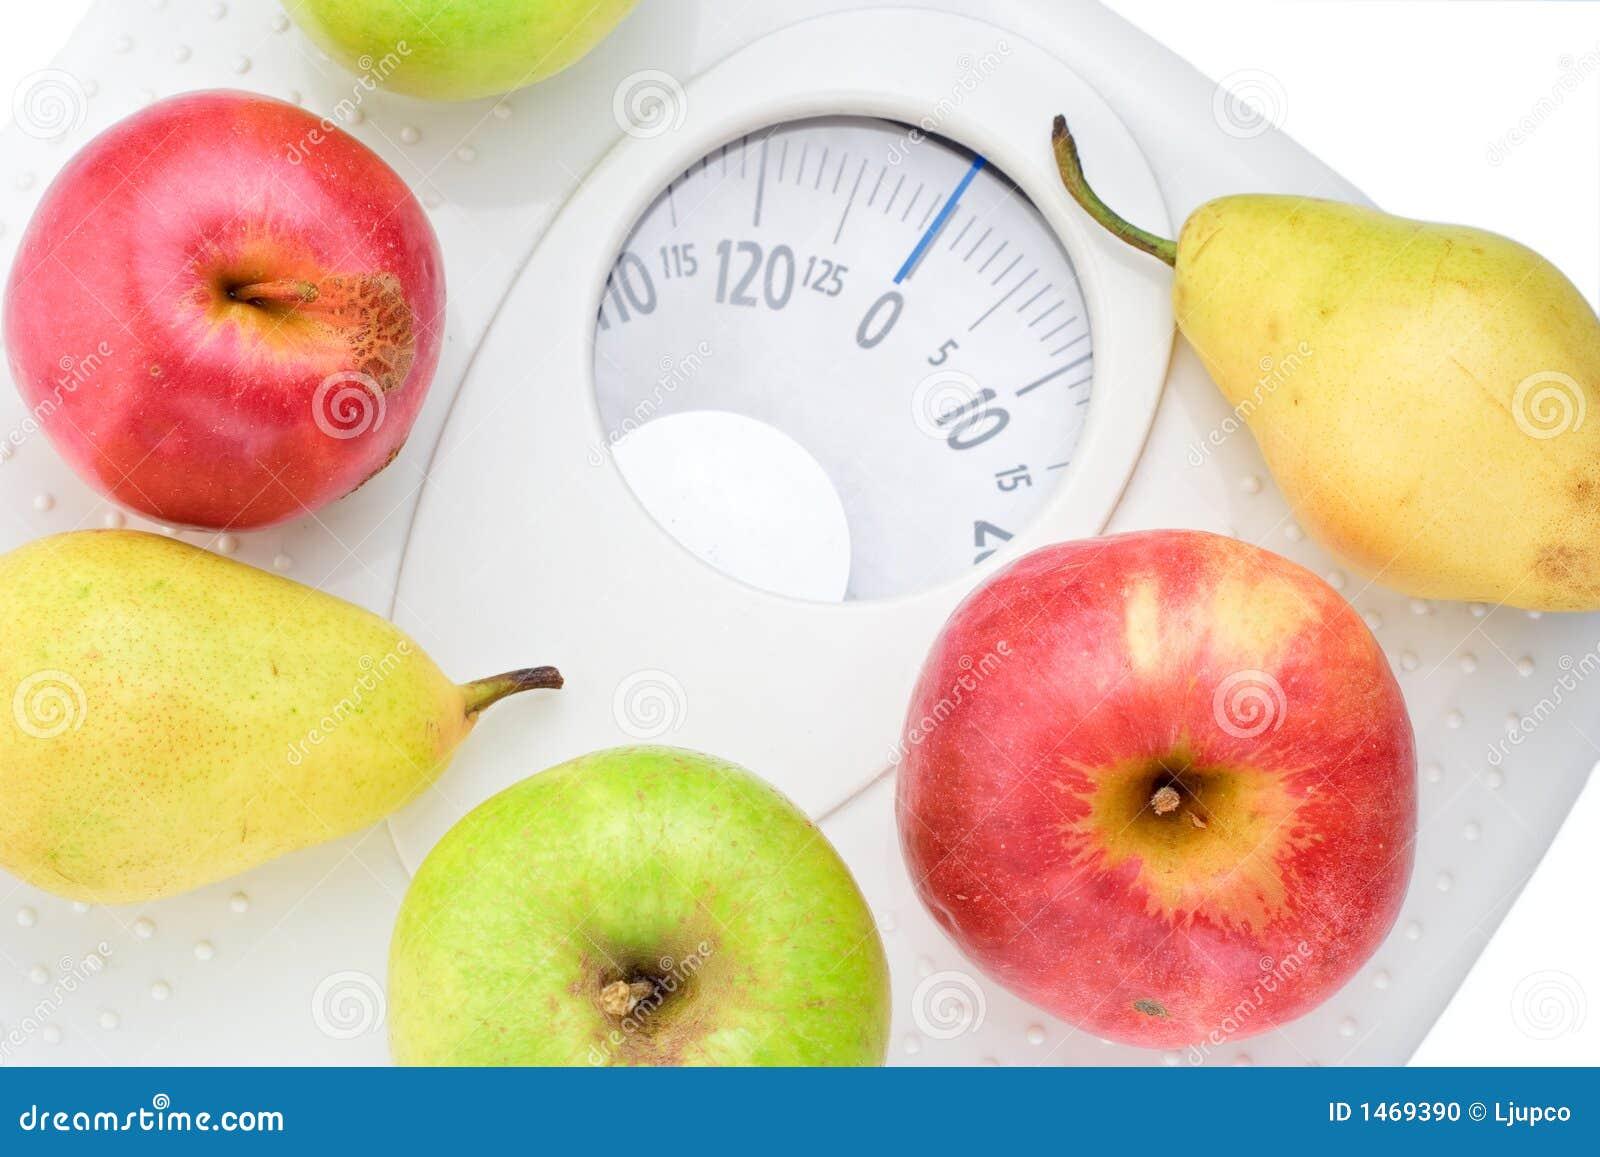 Eet gezond voedsel en los gewicht